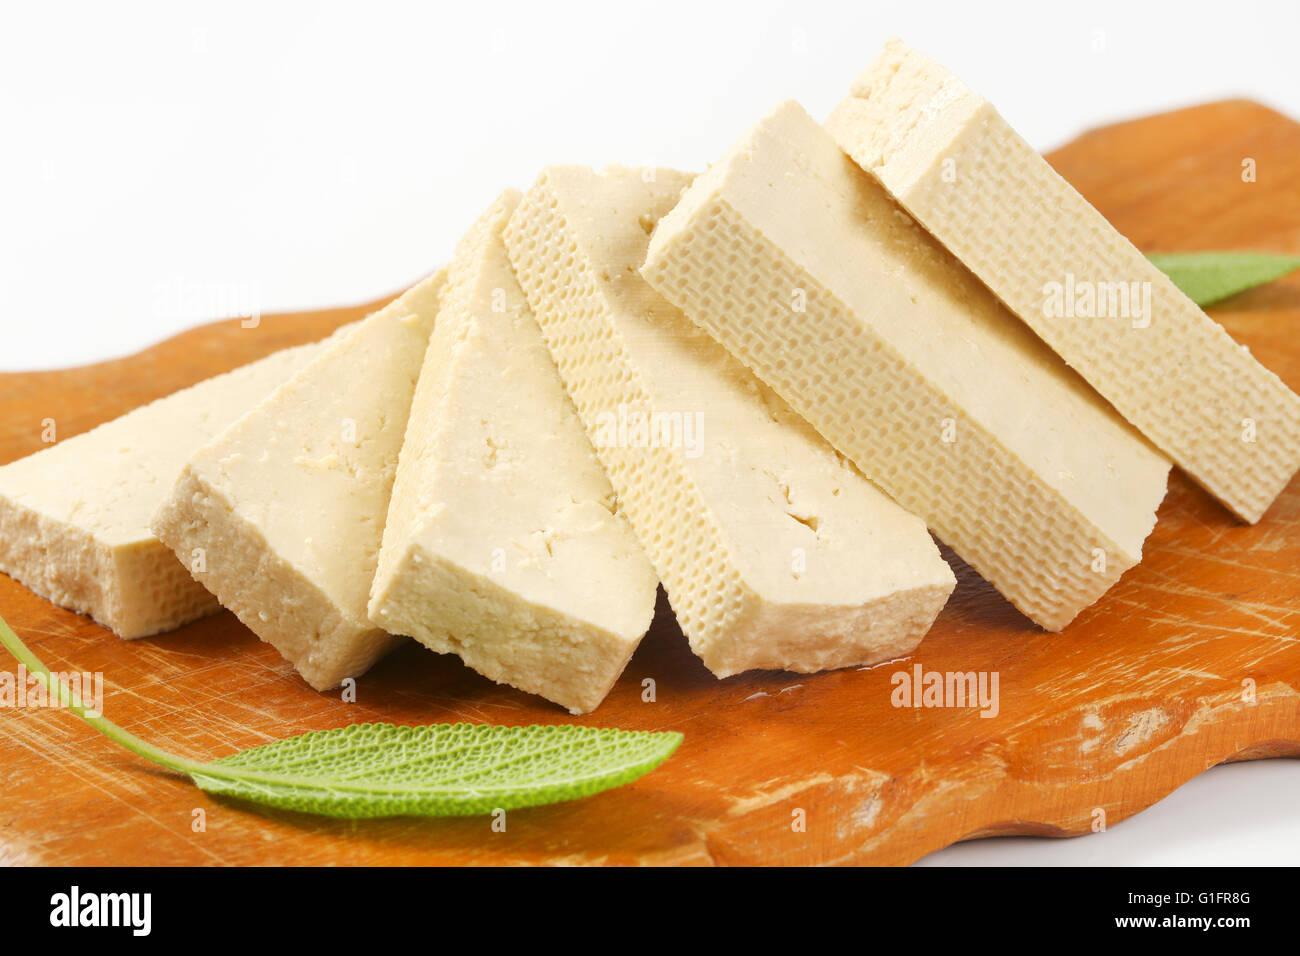 Bloc de tofu frais en tranches sur une planche à découper Photo Stock